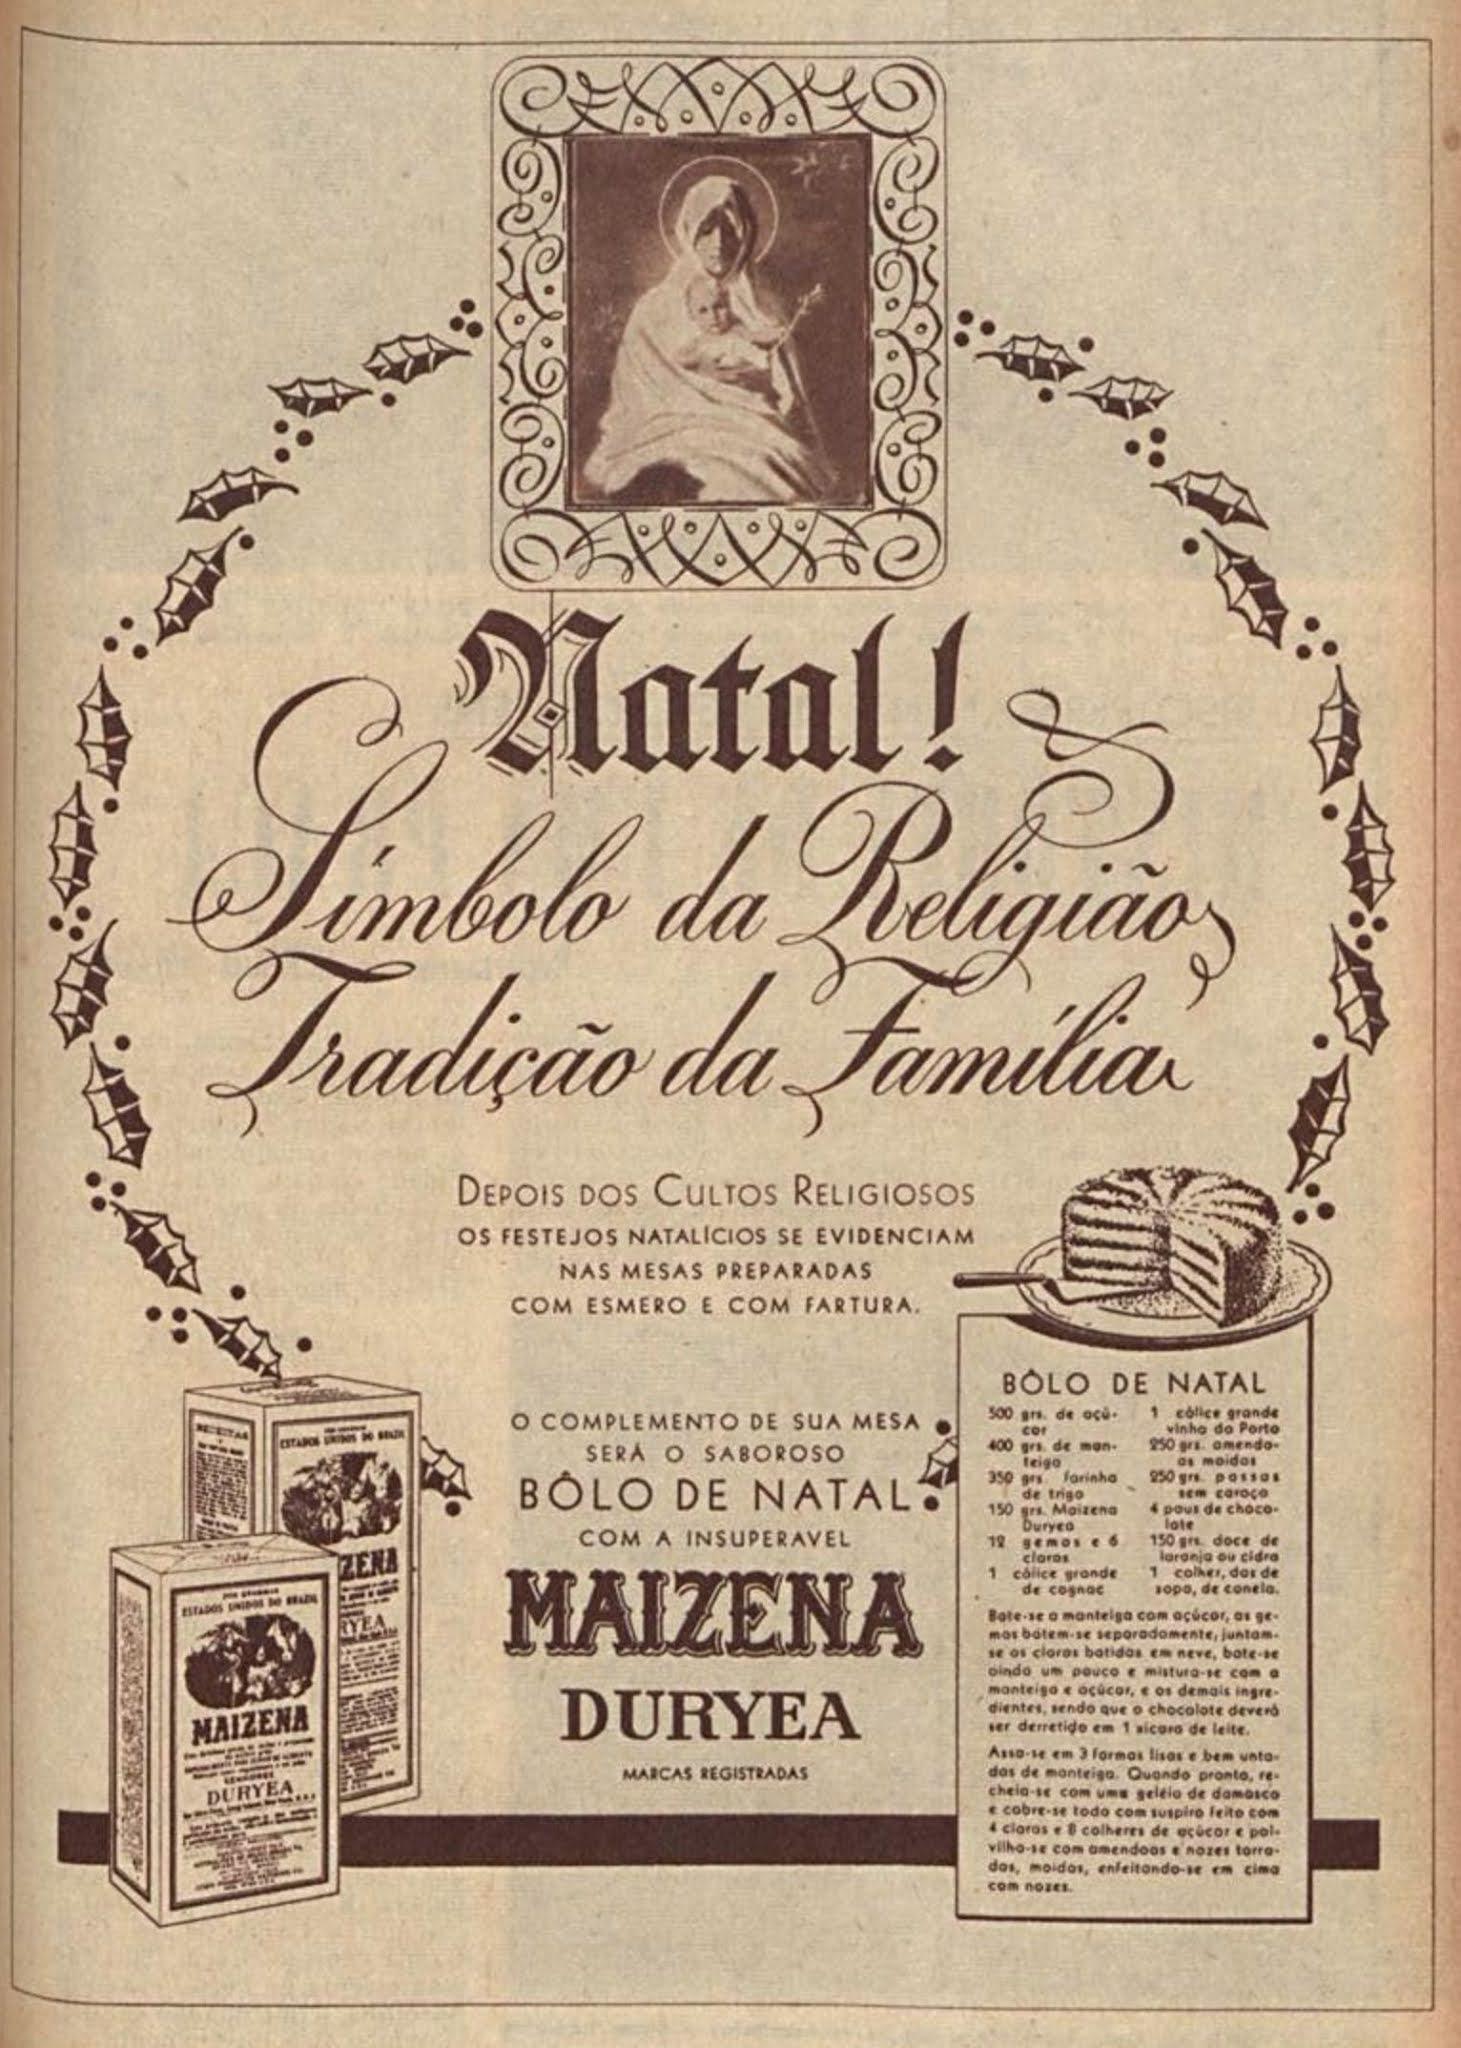 Anúncio antigo da Maizena com receita para o Natal de 1949